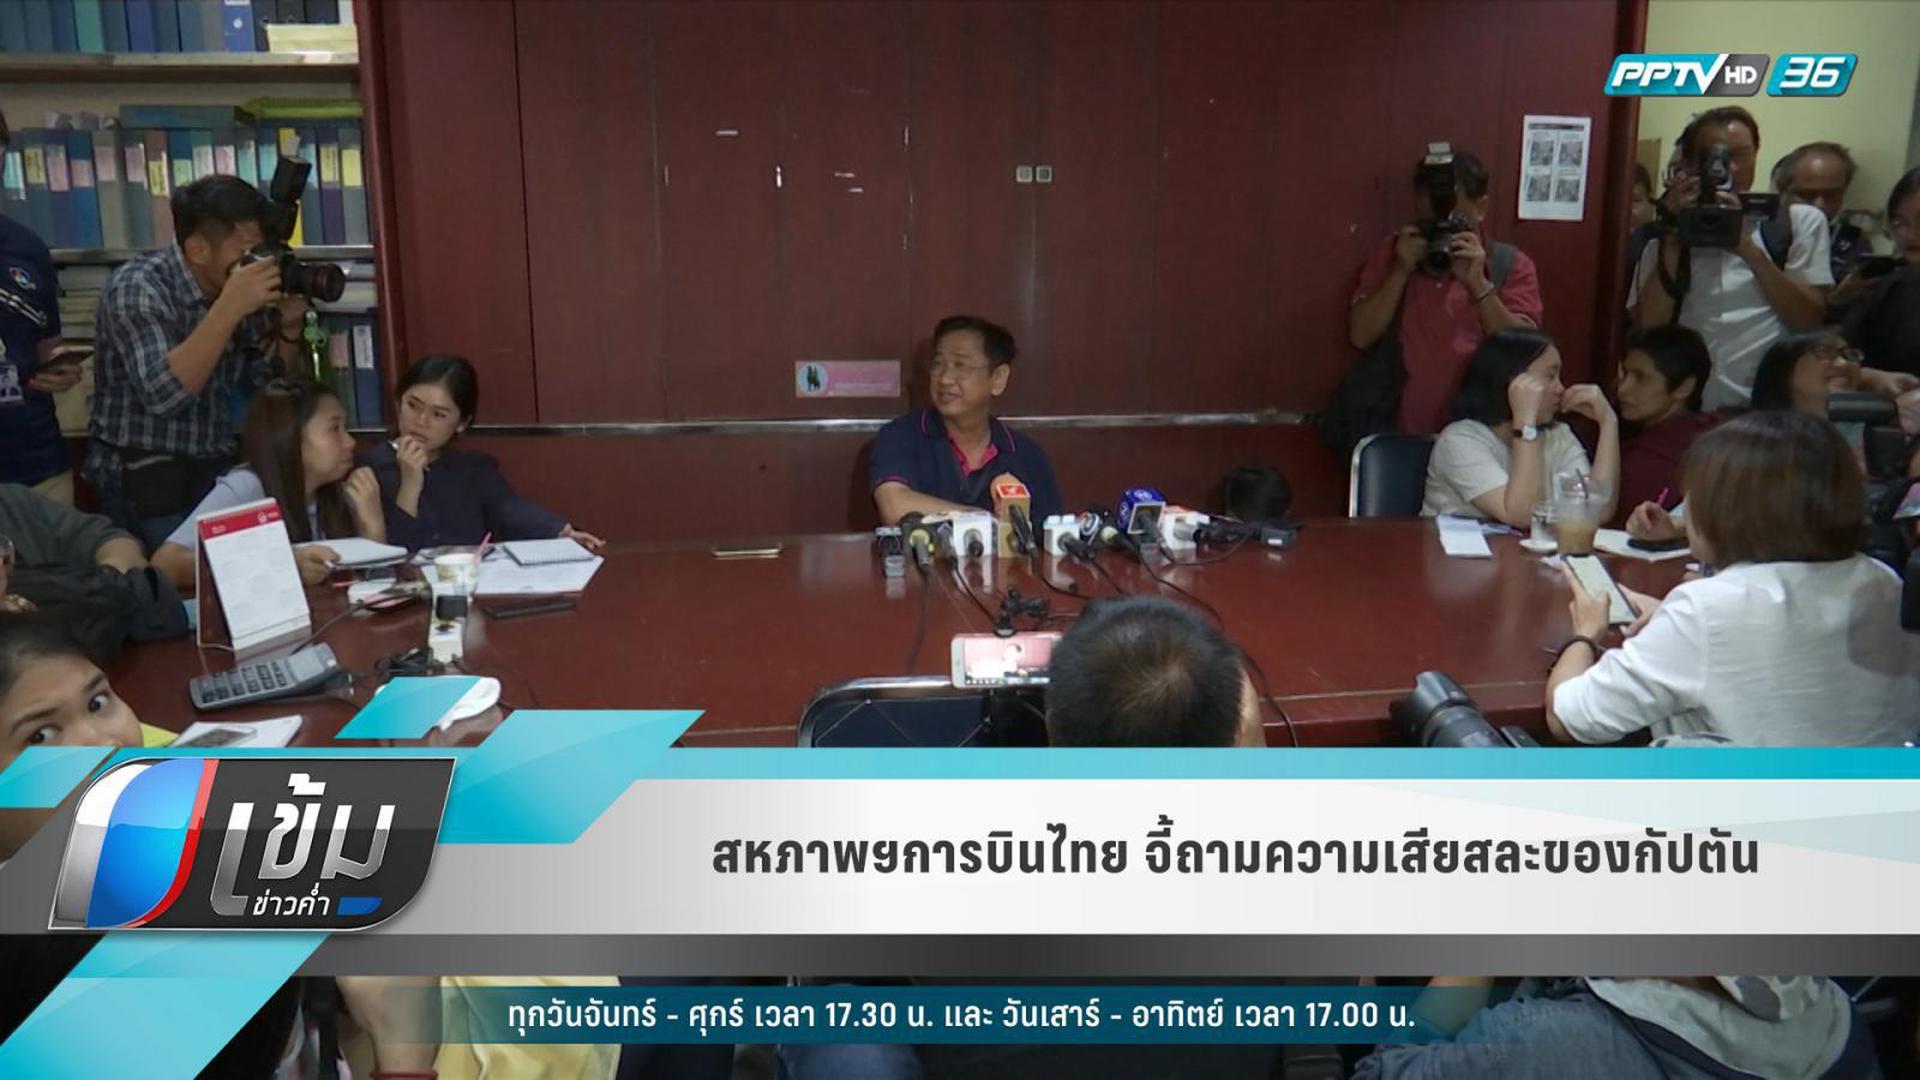 """สหภาพฯการบินไทย แจง """"กัปตัน"""" มีสิทธิ์นั่งเฟิร์สคลาส แต่ควรเสียสละให้ผู้โดยสาร"""